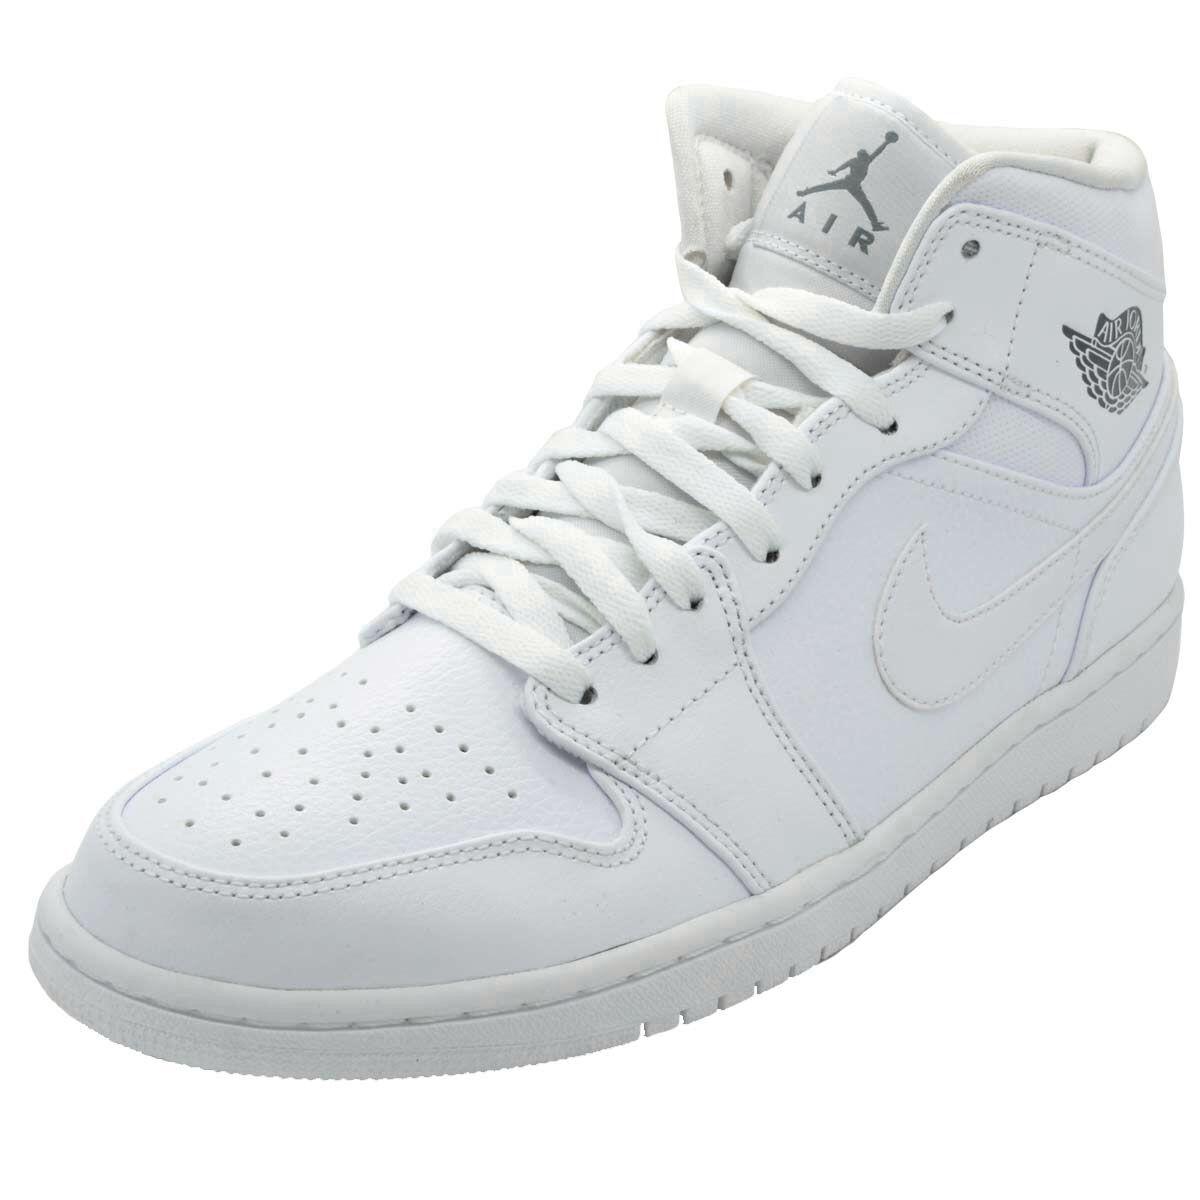 NIKE AIR JORDAN RETRO 1 MID White MENS Sneakers Trainers